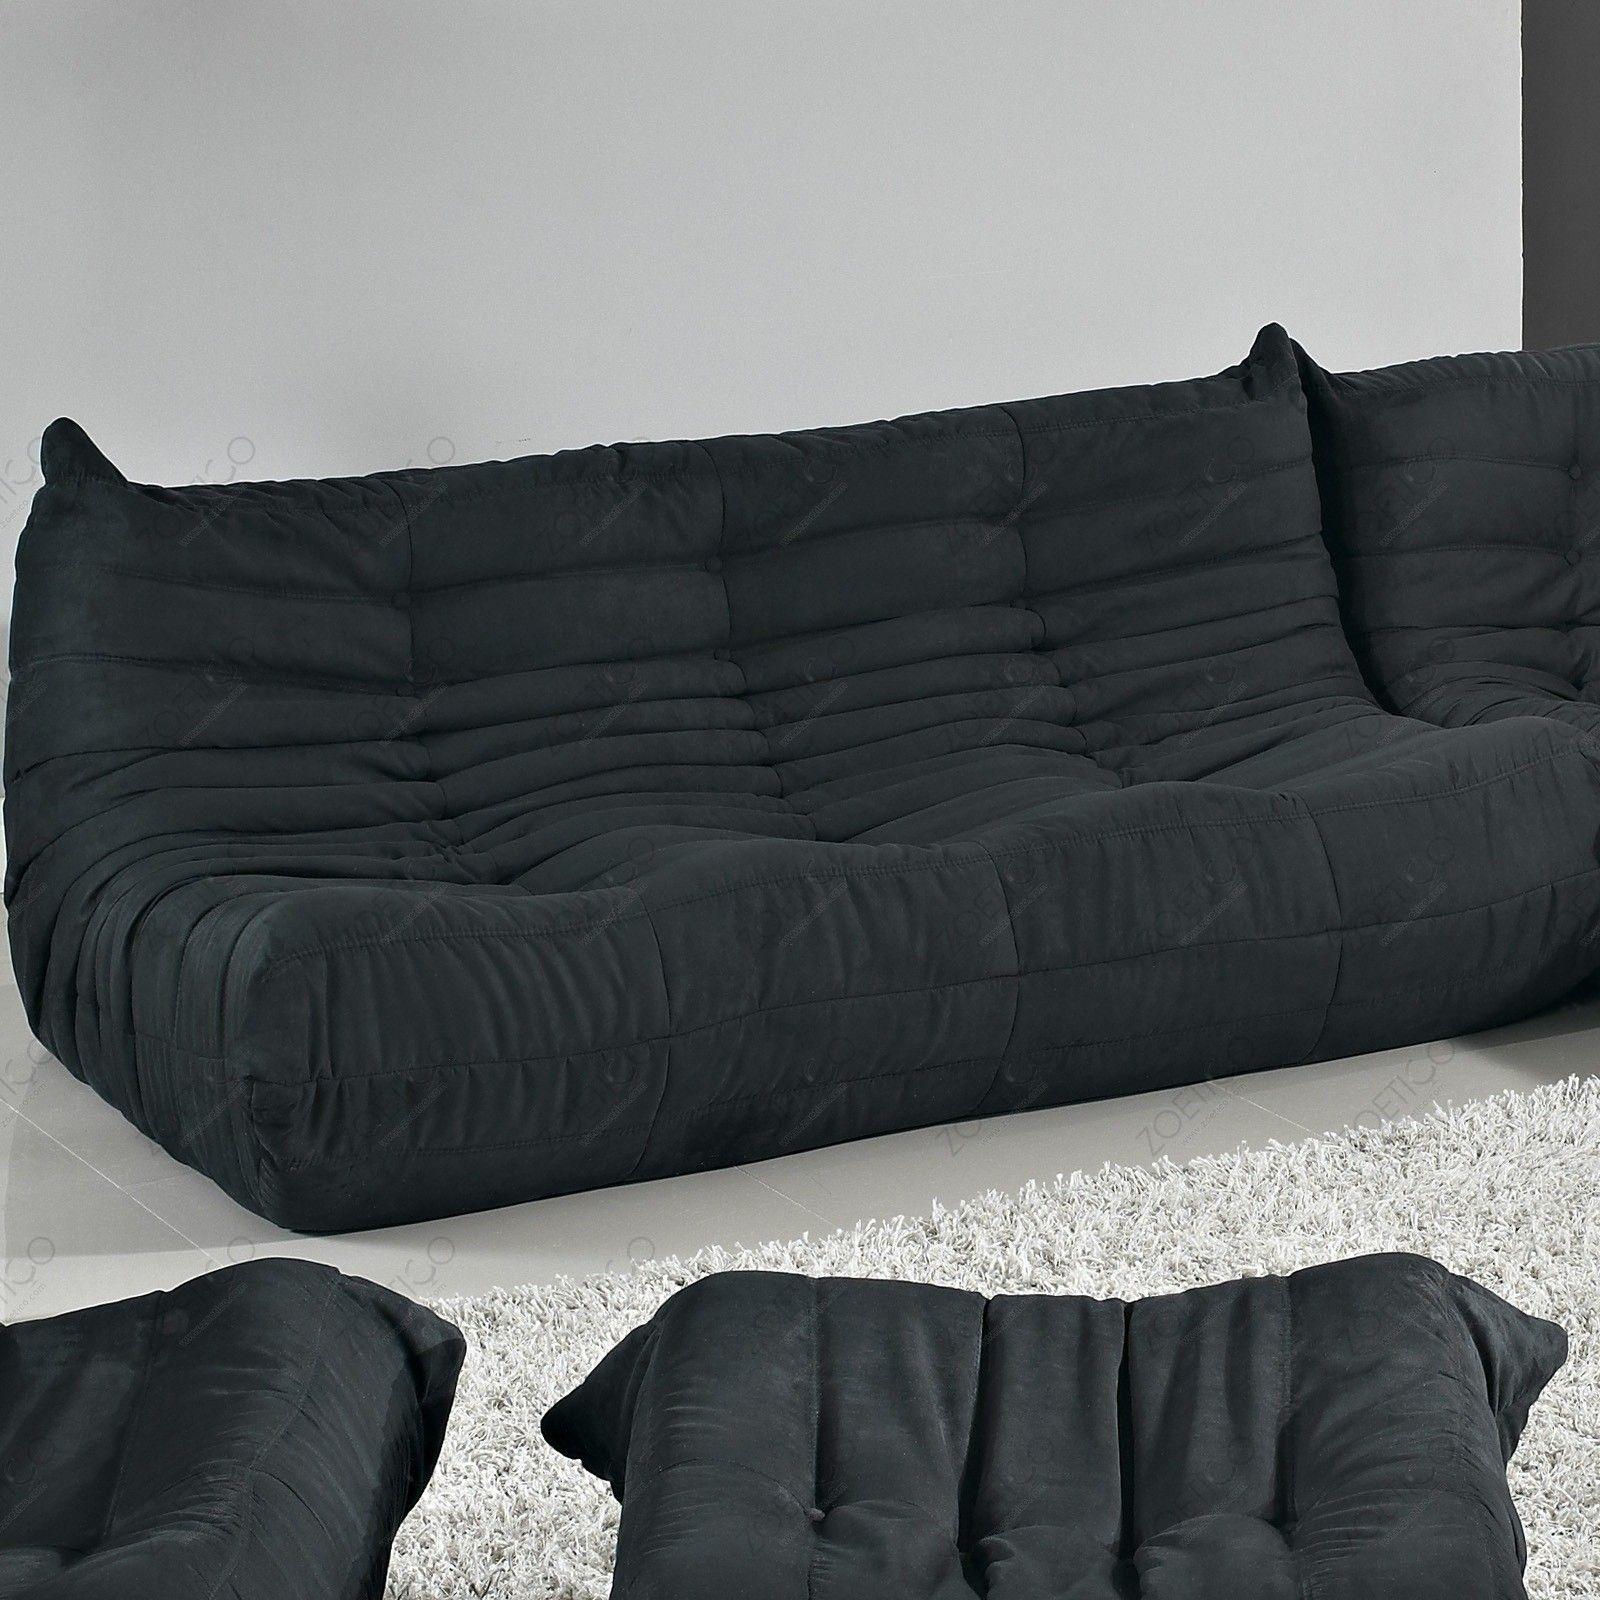 ligne roset sofa second hand ashley furniture sales togo review home decor